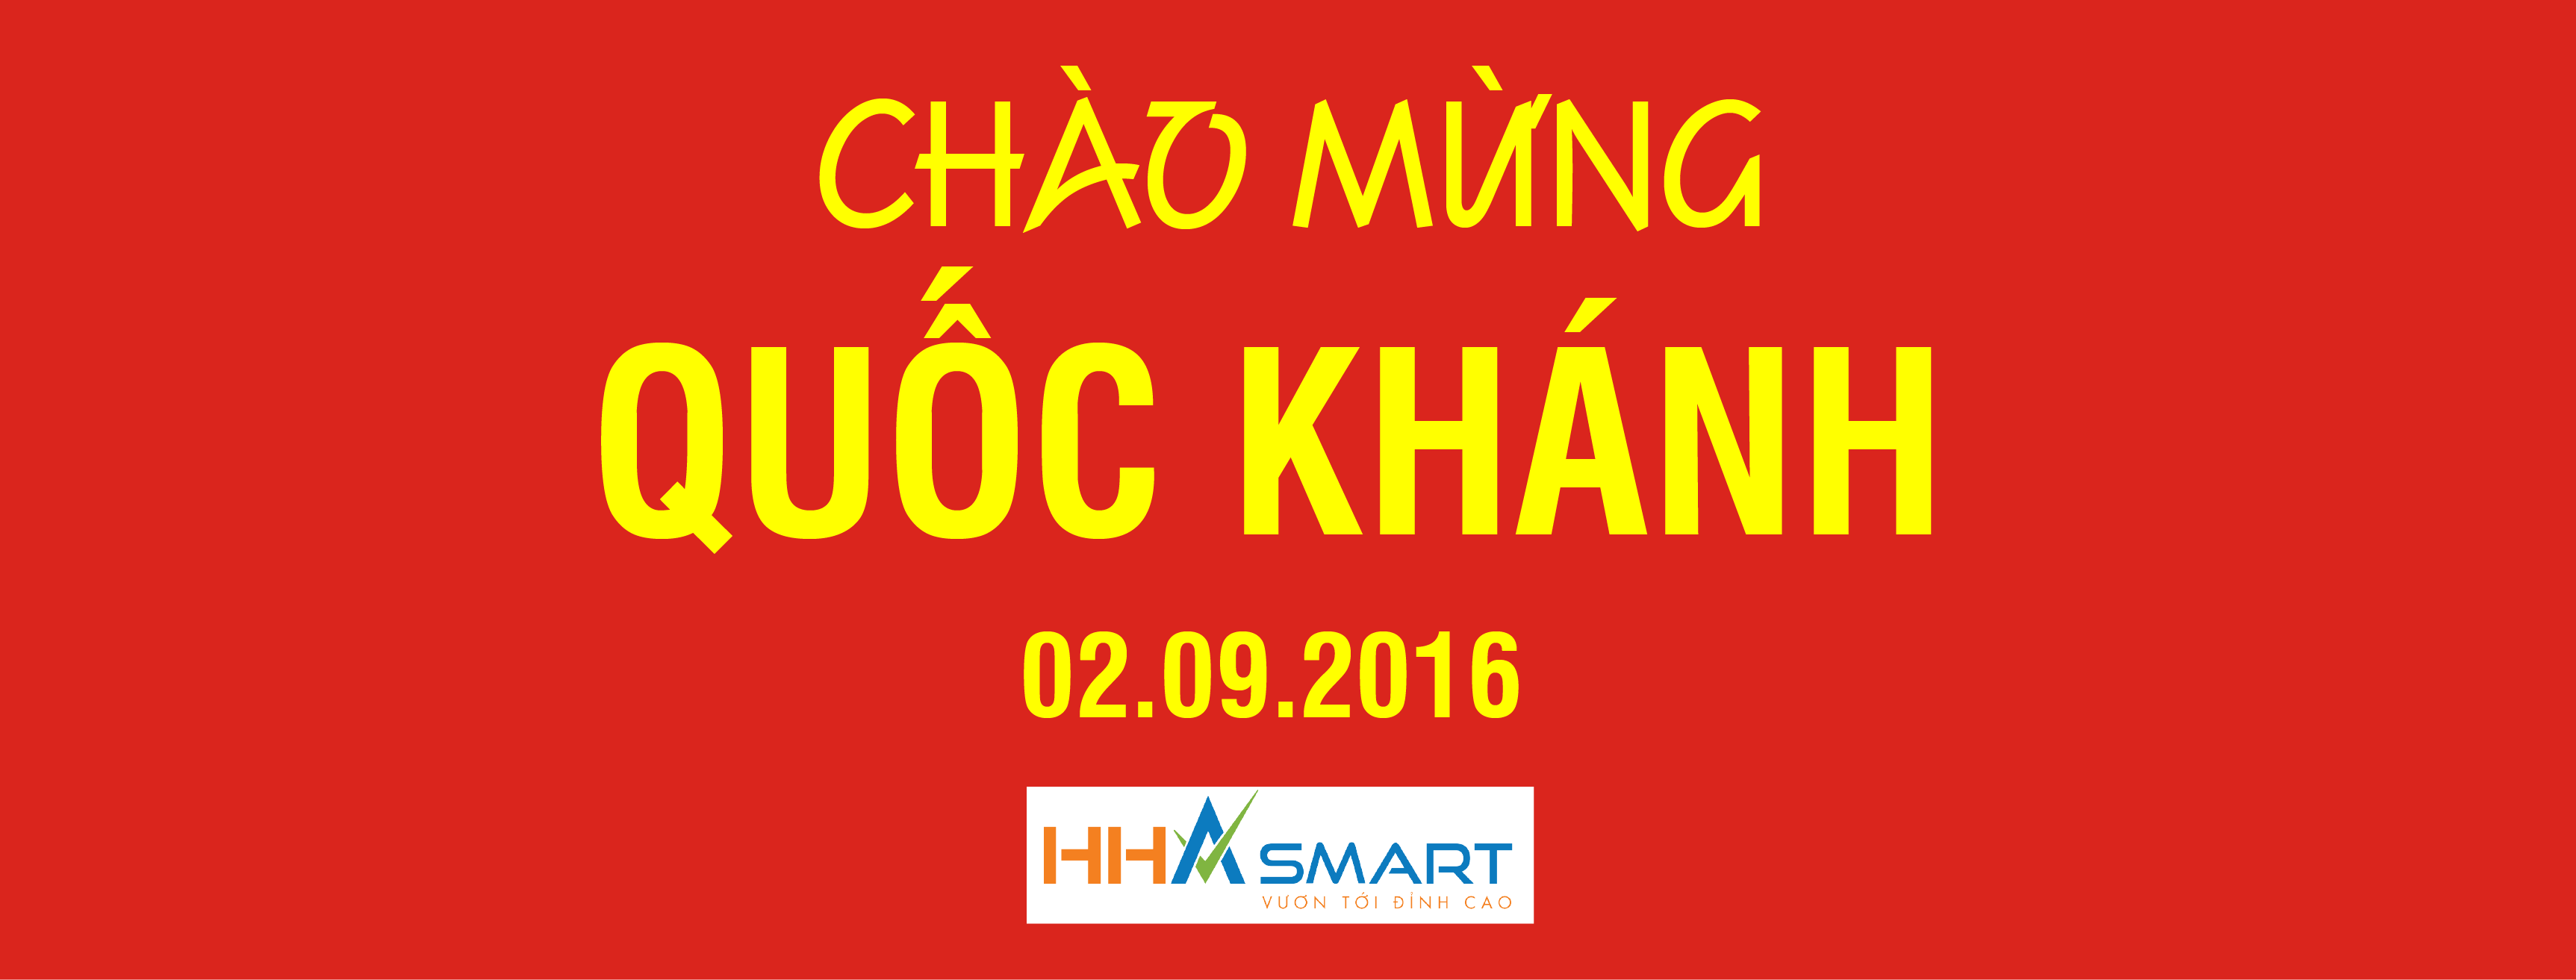 Chao mung Quoc Khanh HHA-Smart